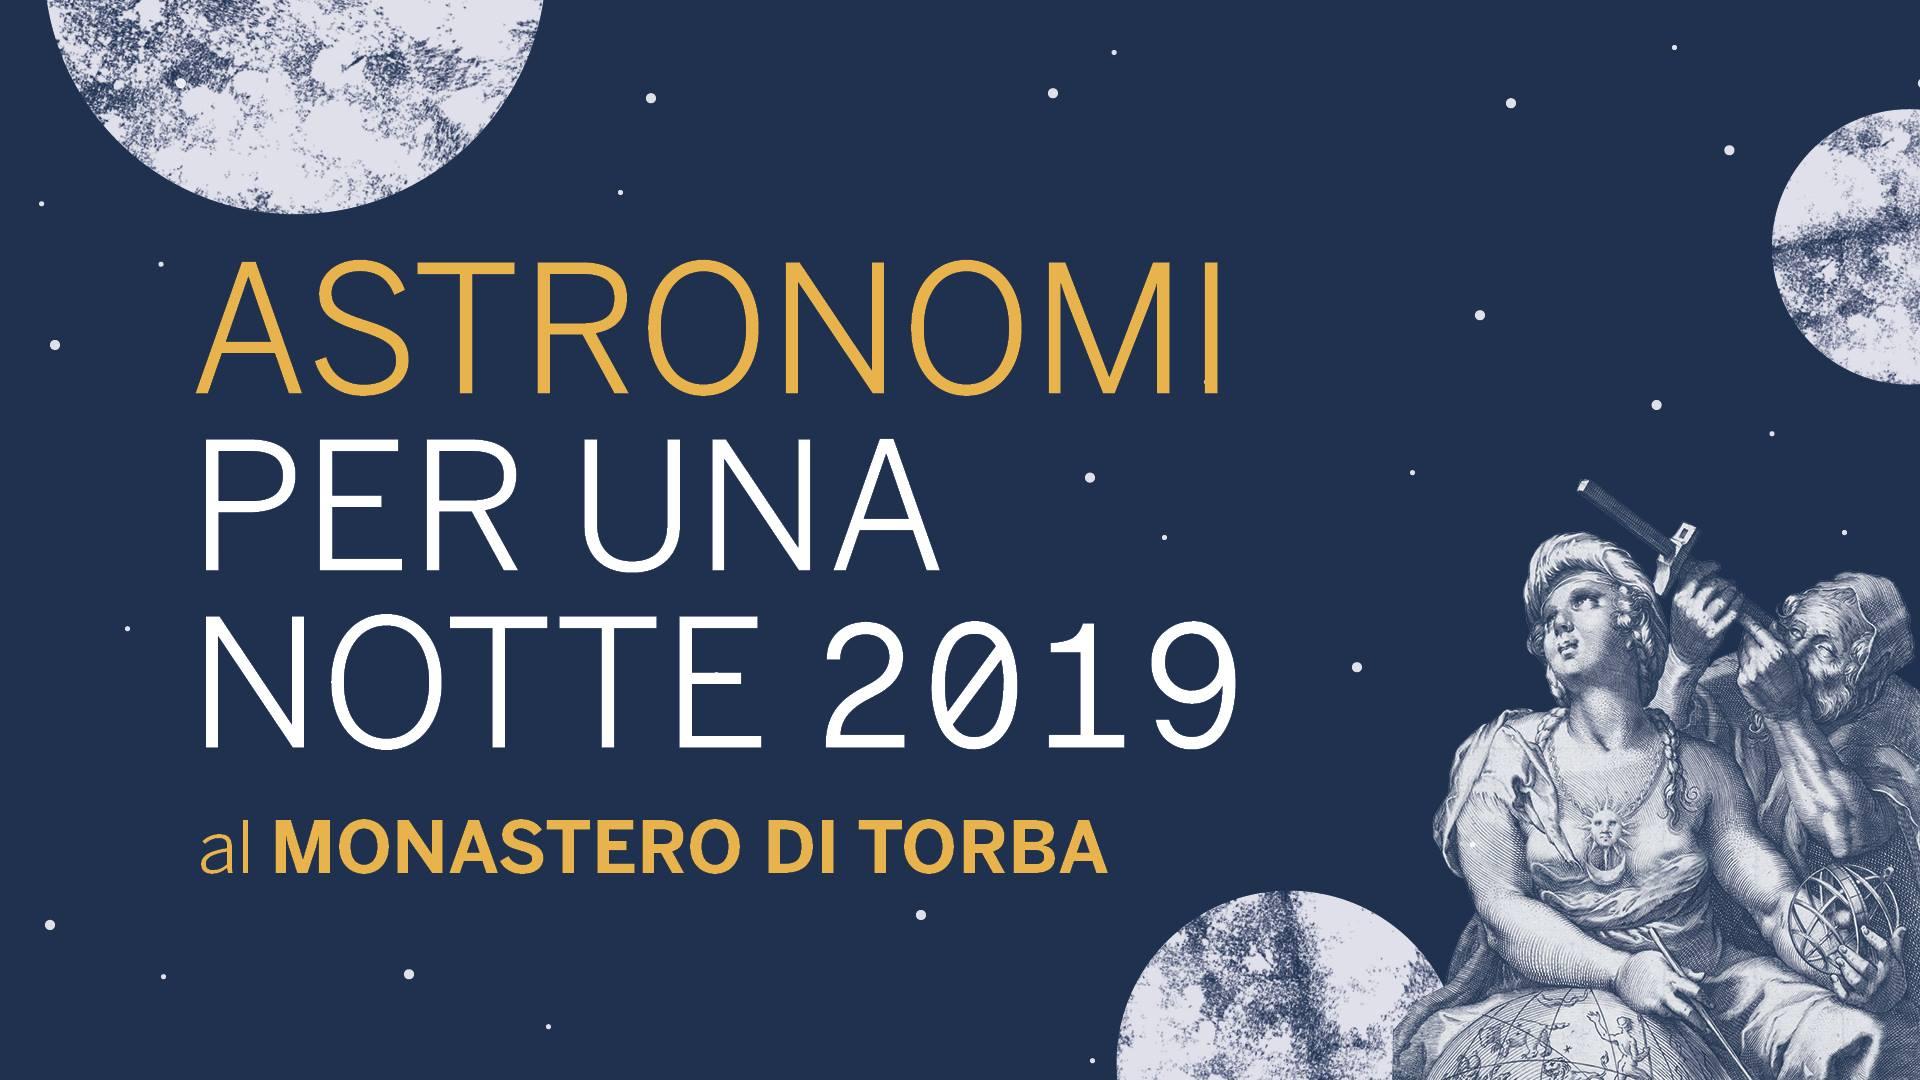 Sbarco sulla Luna, serate magiche al Monastero di Torba